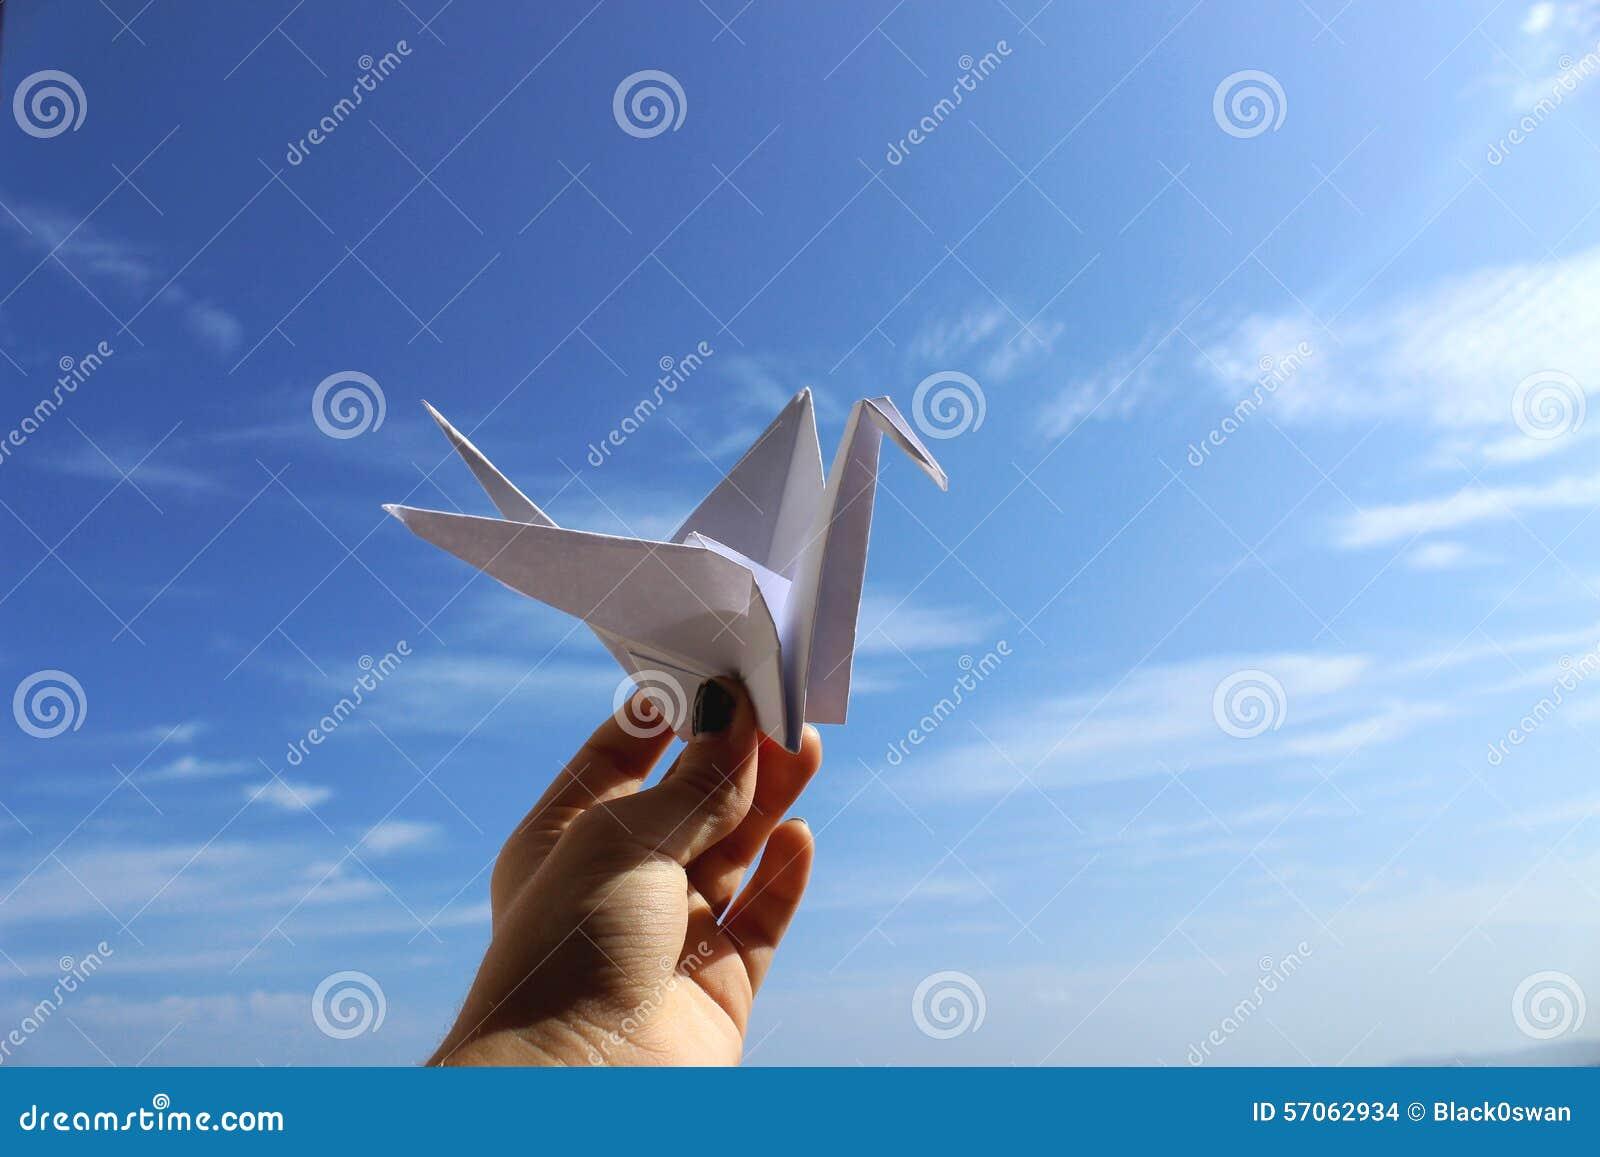 Origamikraan, shadoof